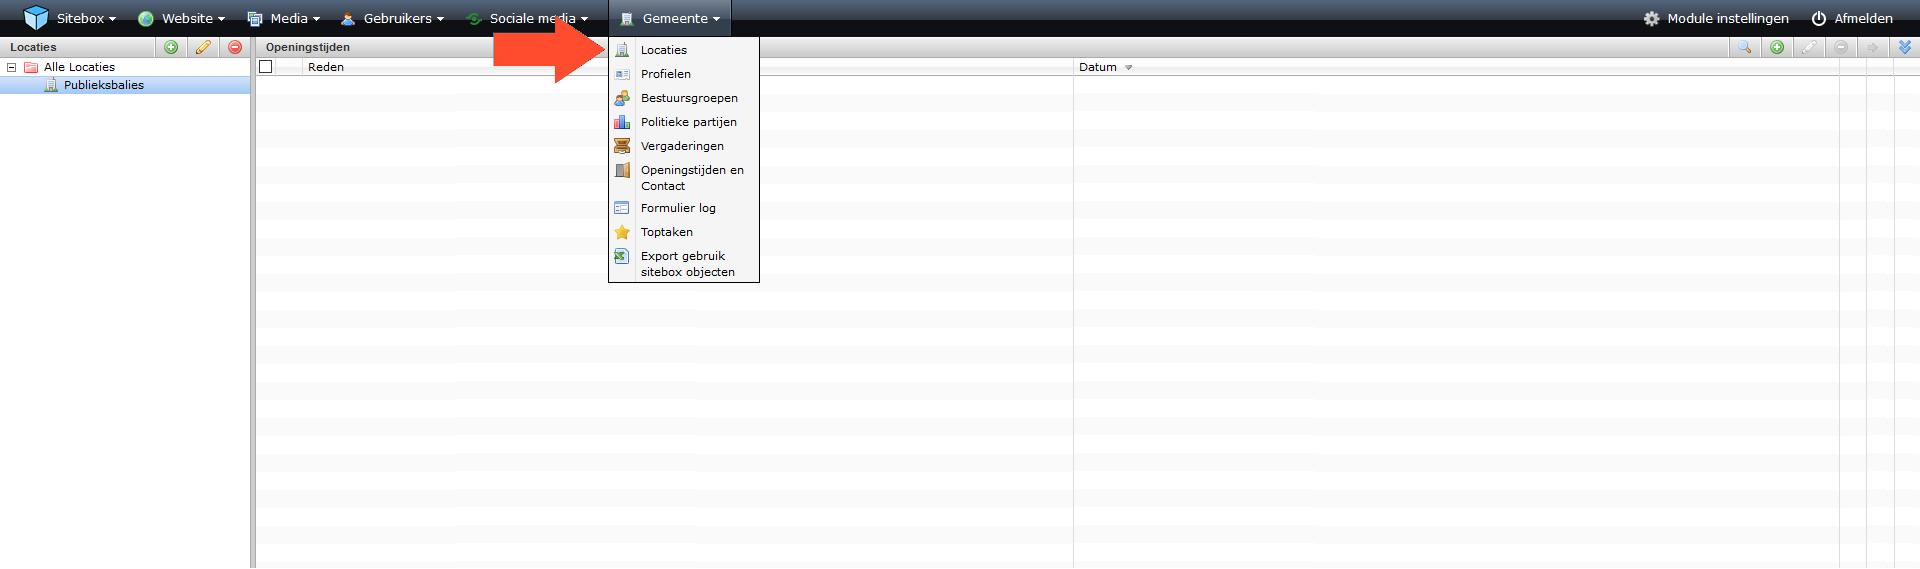 schermafdruk van het menu bij het kopje website